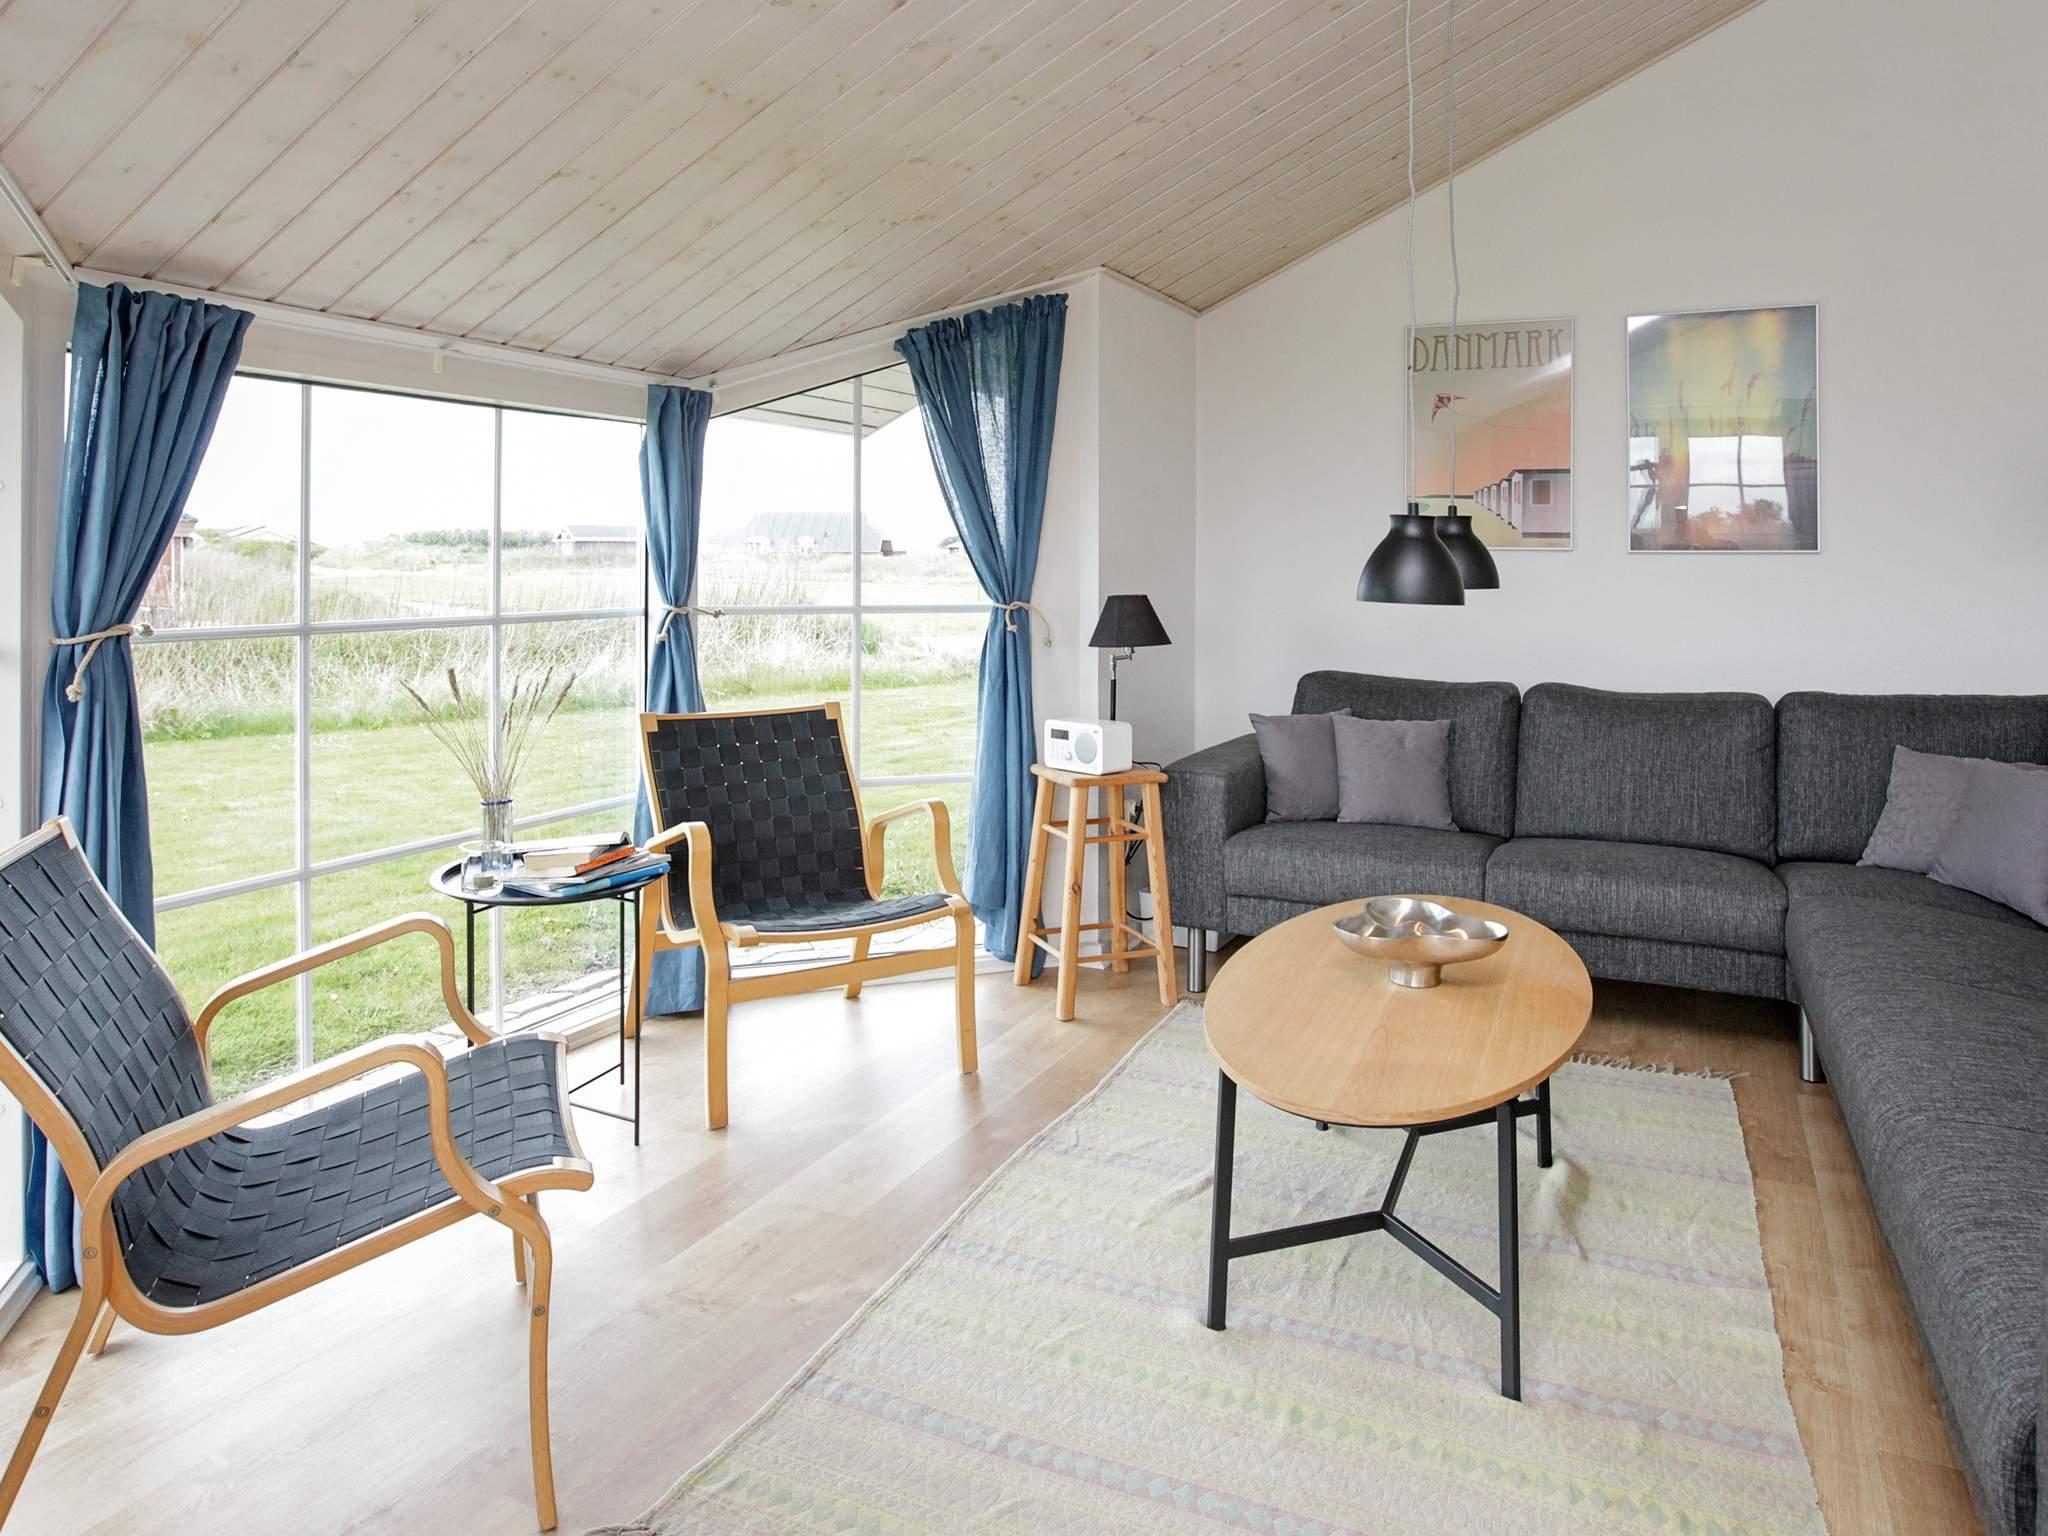 Ferienhaus Løkken (84081), Løkken, , Nordwestjütland, Dänemark, Bild 2